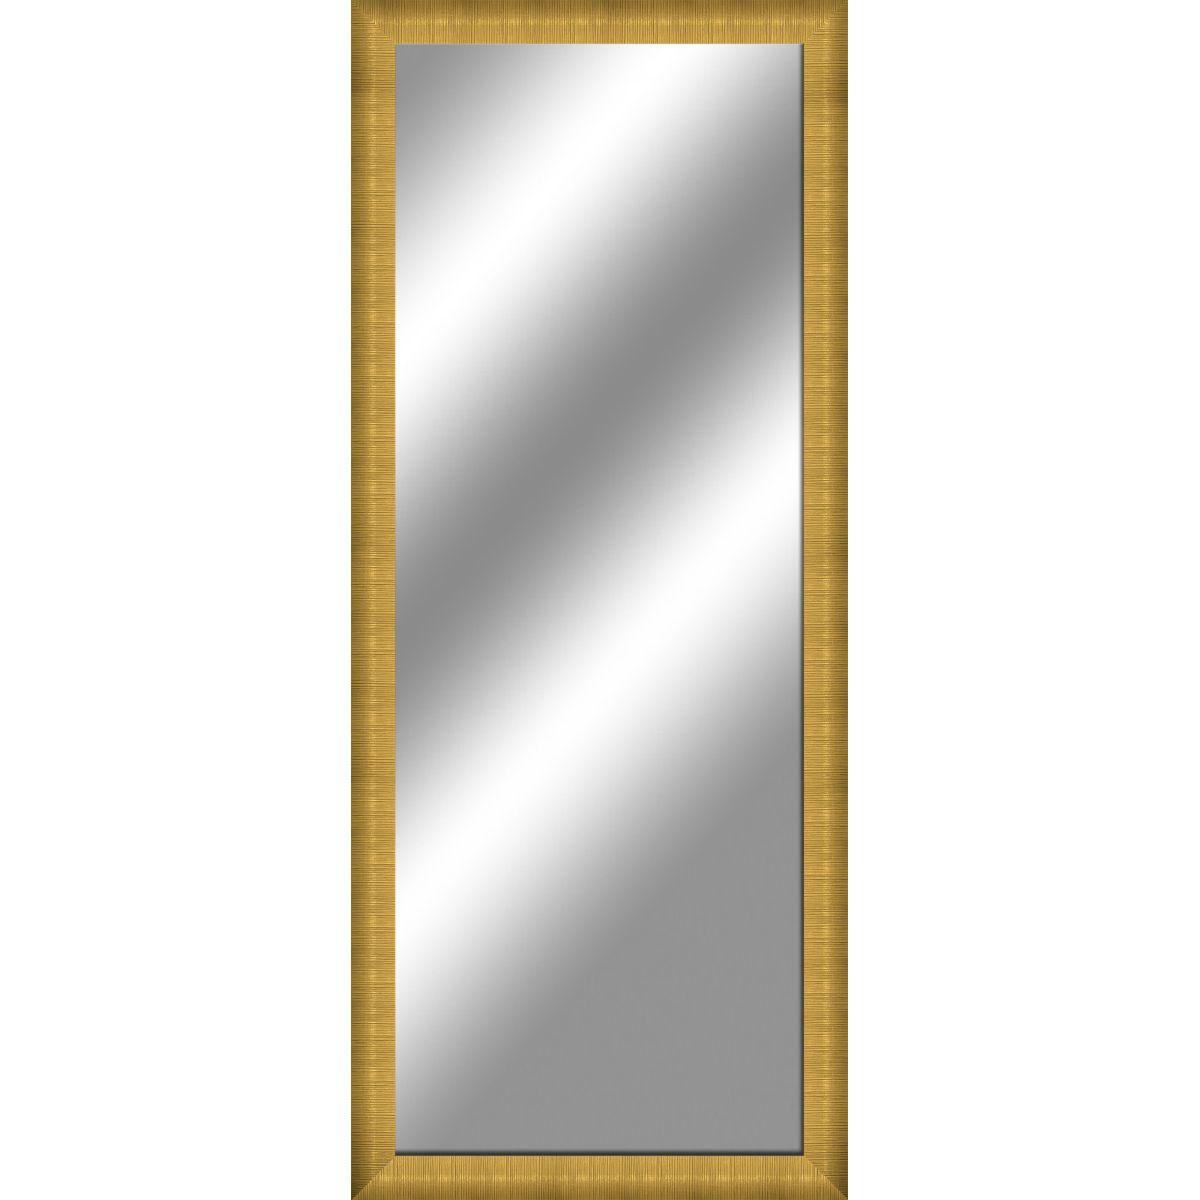 Specchio sibilla oro 60 x 160 cm prezzi e offerte online for Tralicci leroy merlin